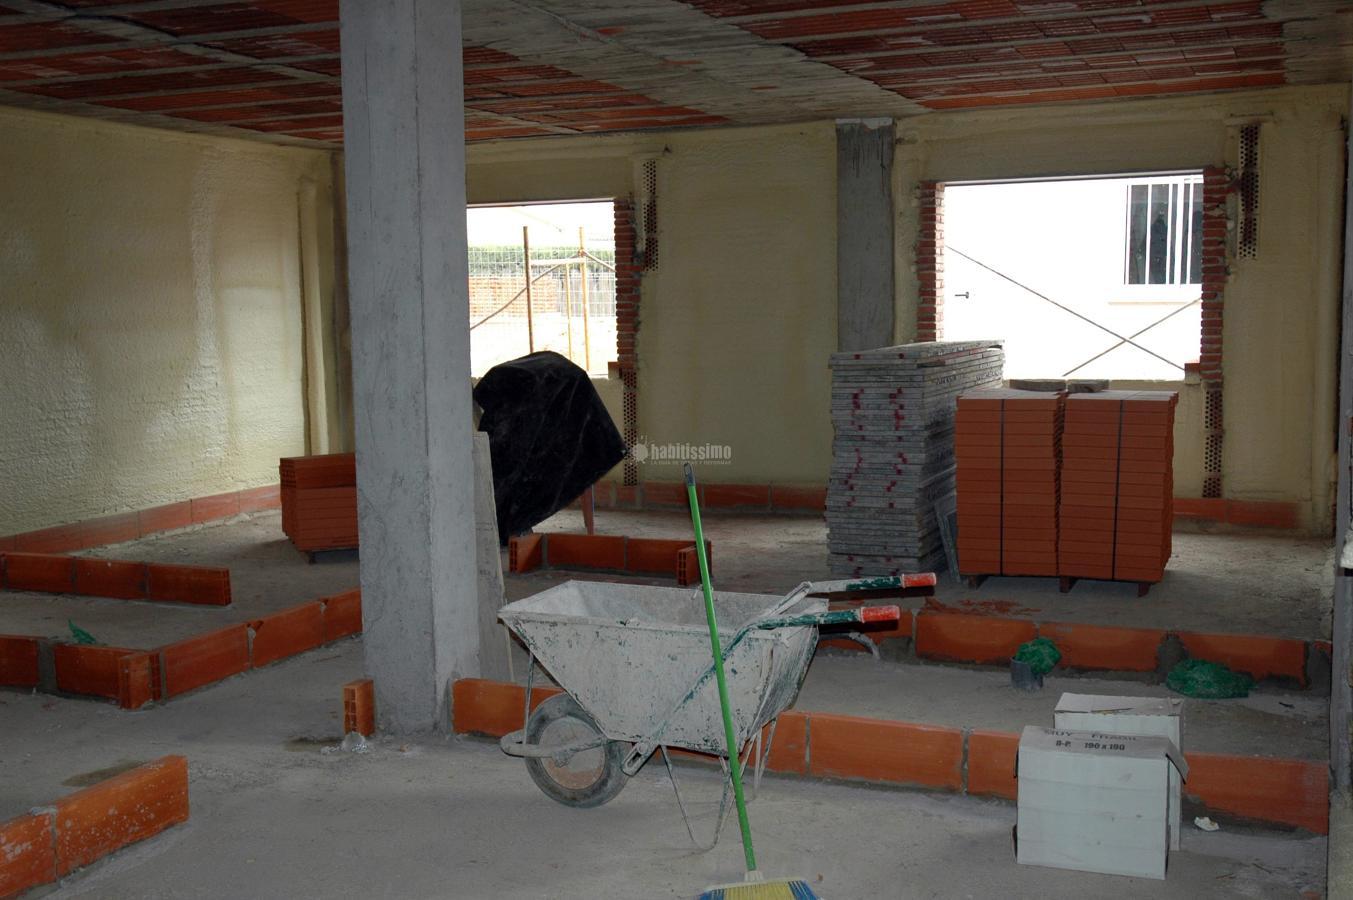 Construcción Casas, Artículos Decoración, Reforma